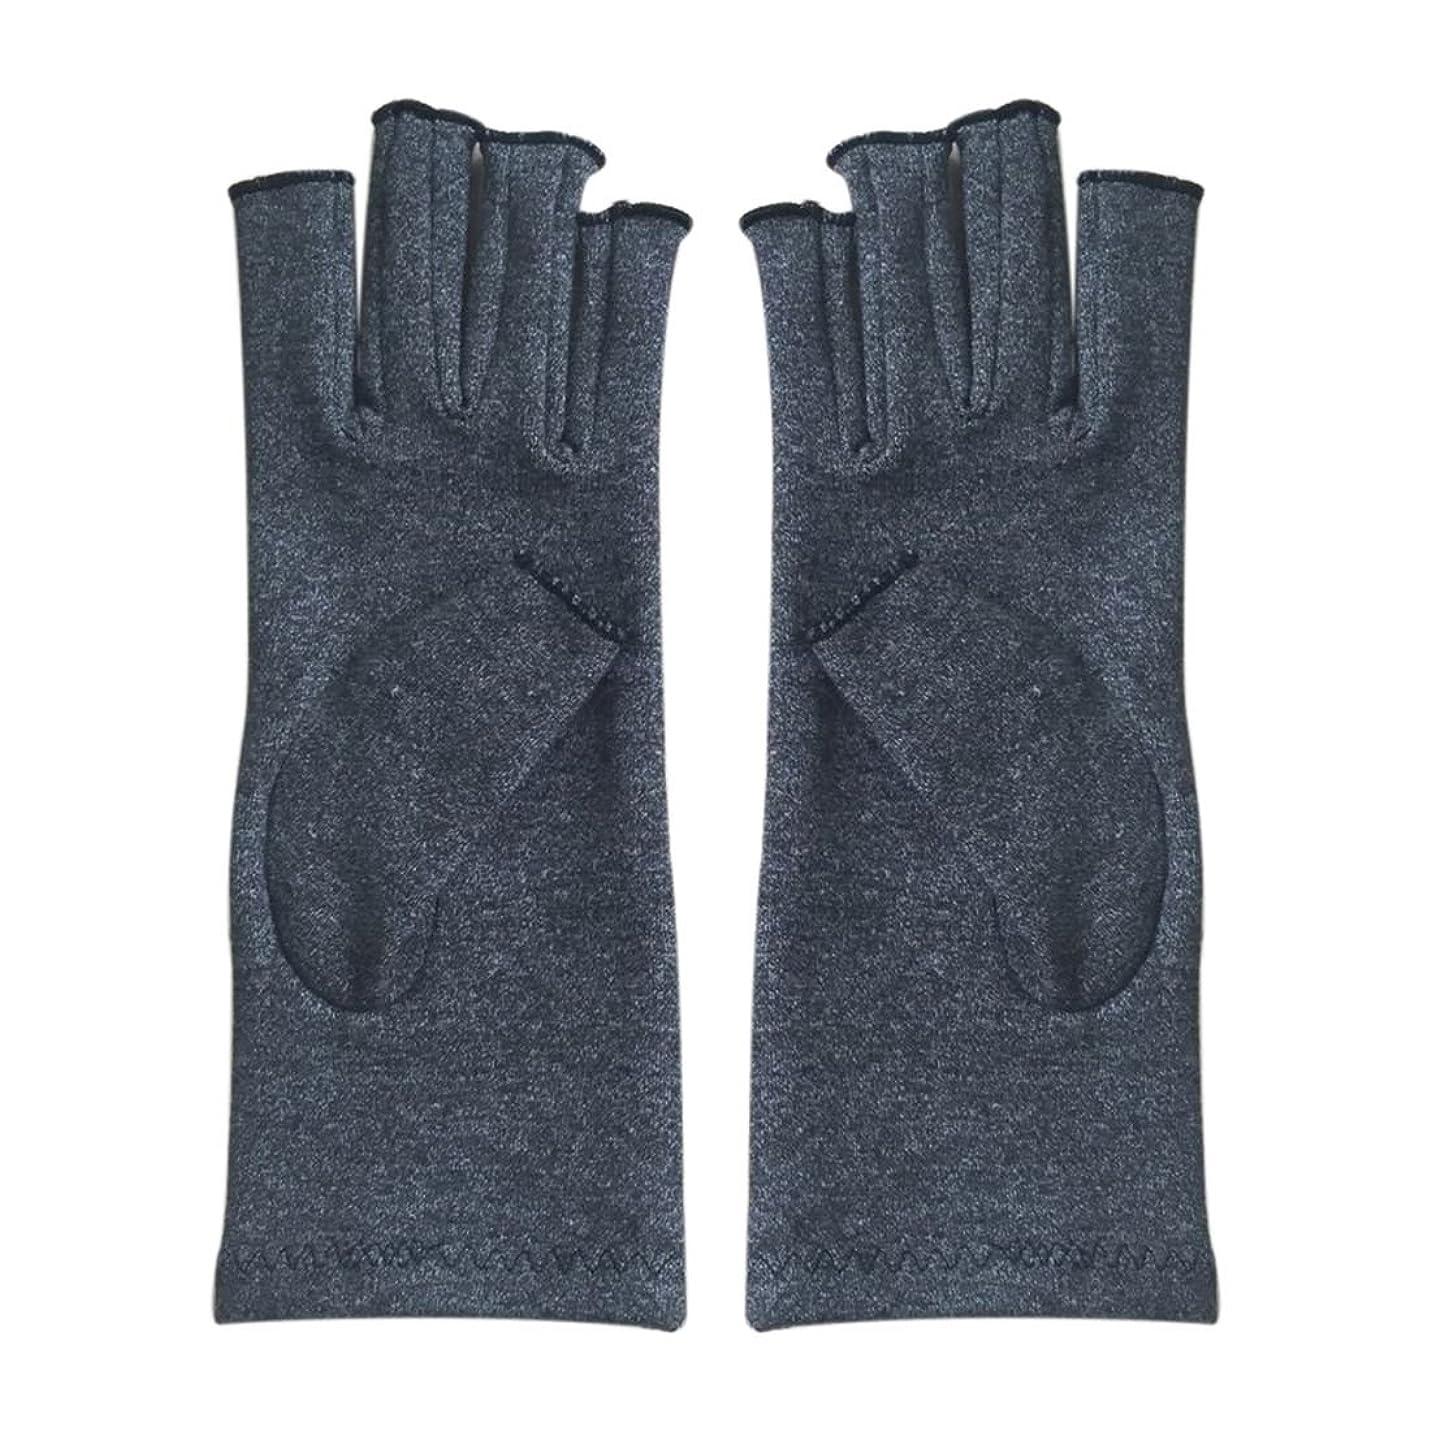 合わせてポルノなめるTOOGOO ペア 弾性コットン製の手袋 関節式手袋 灰色 M